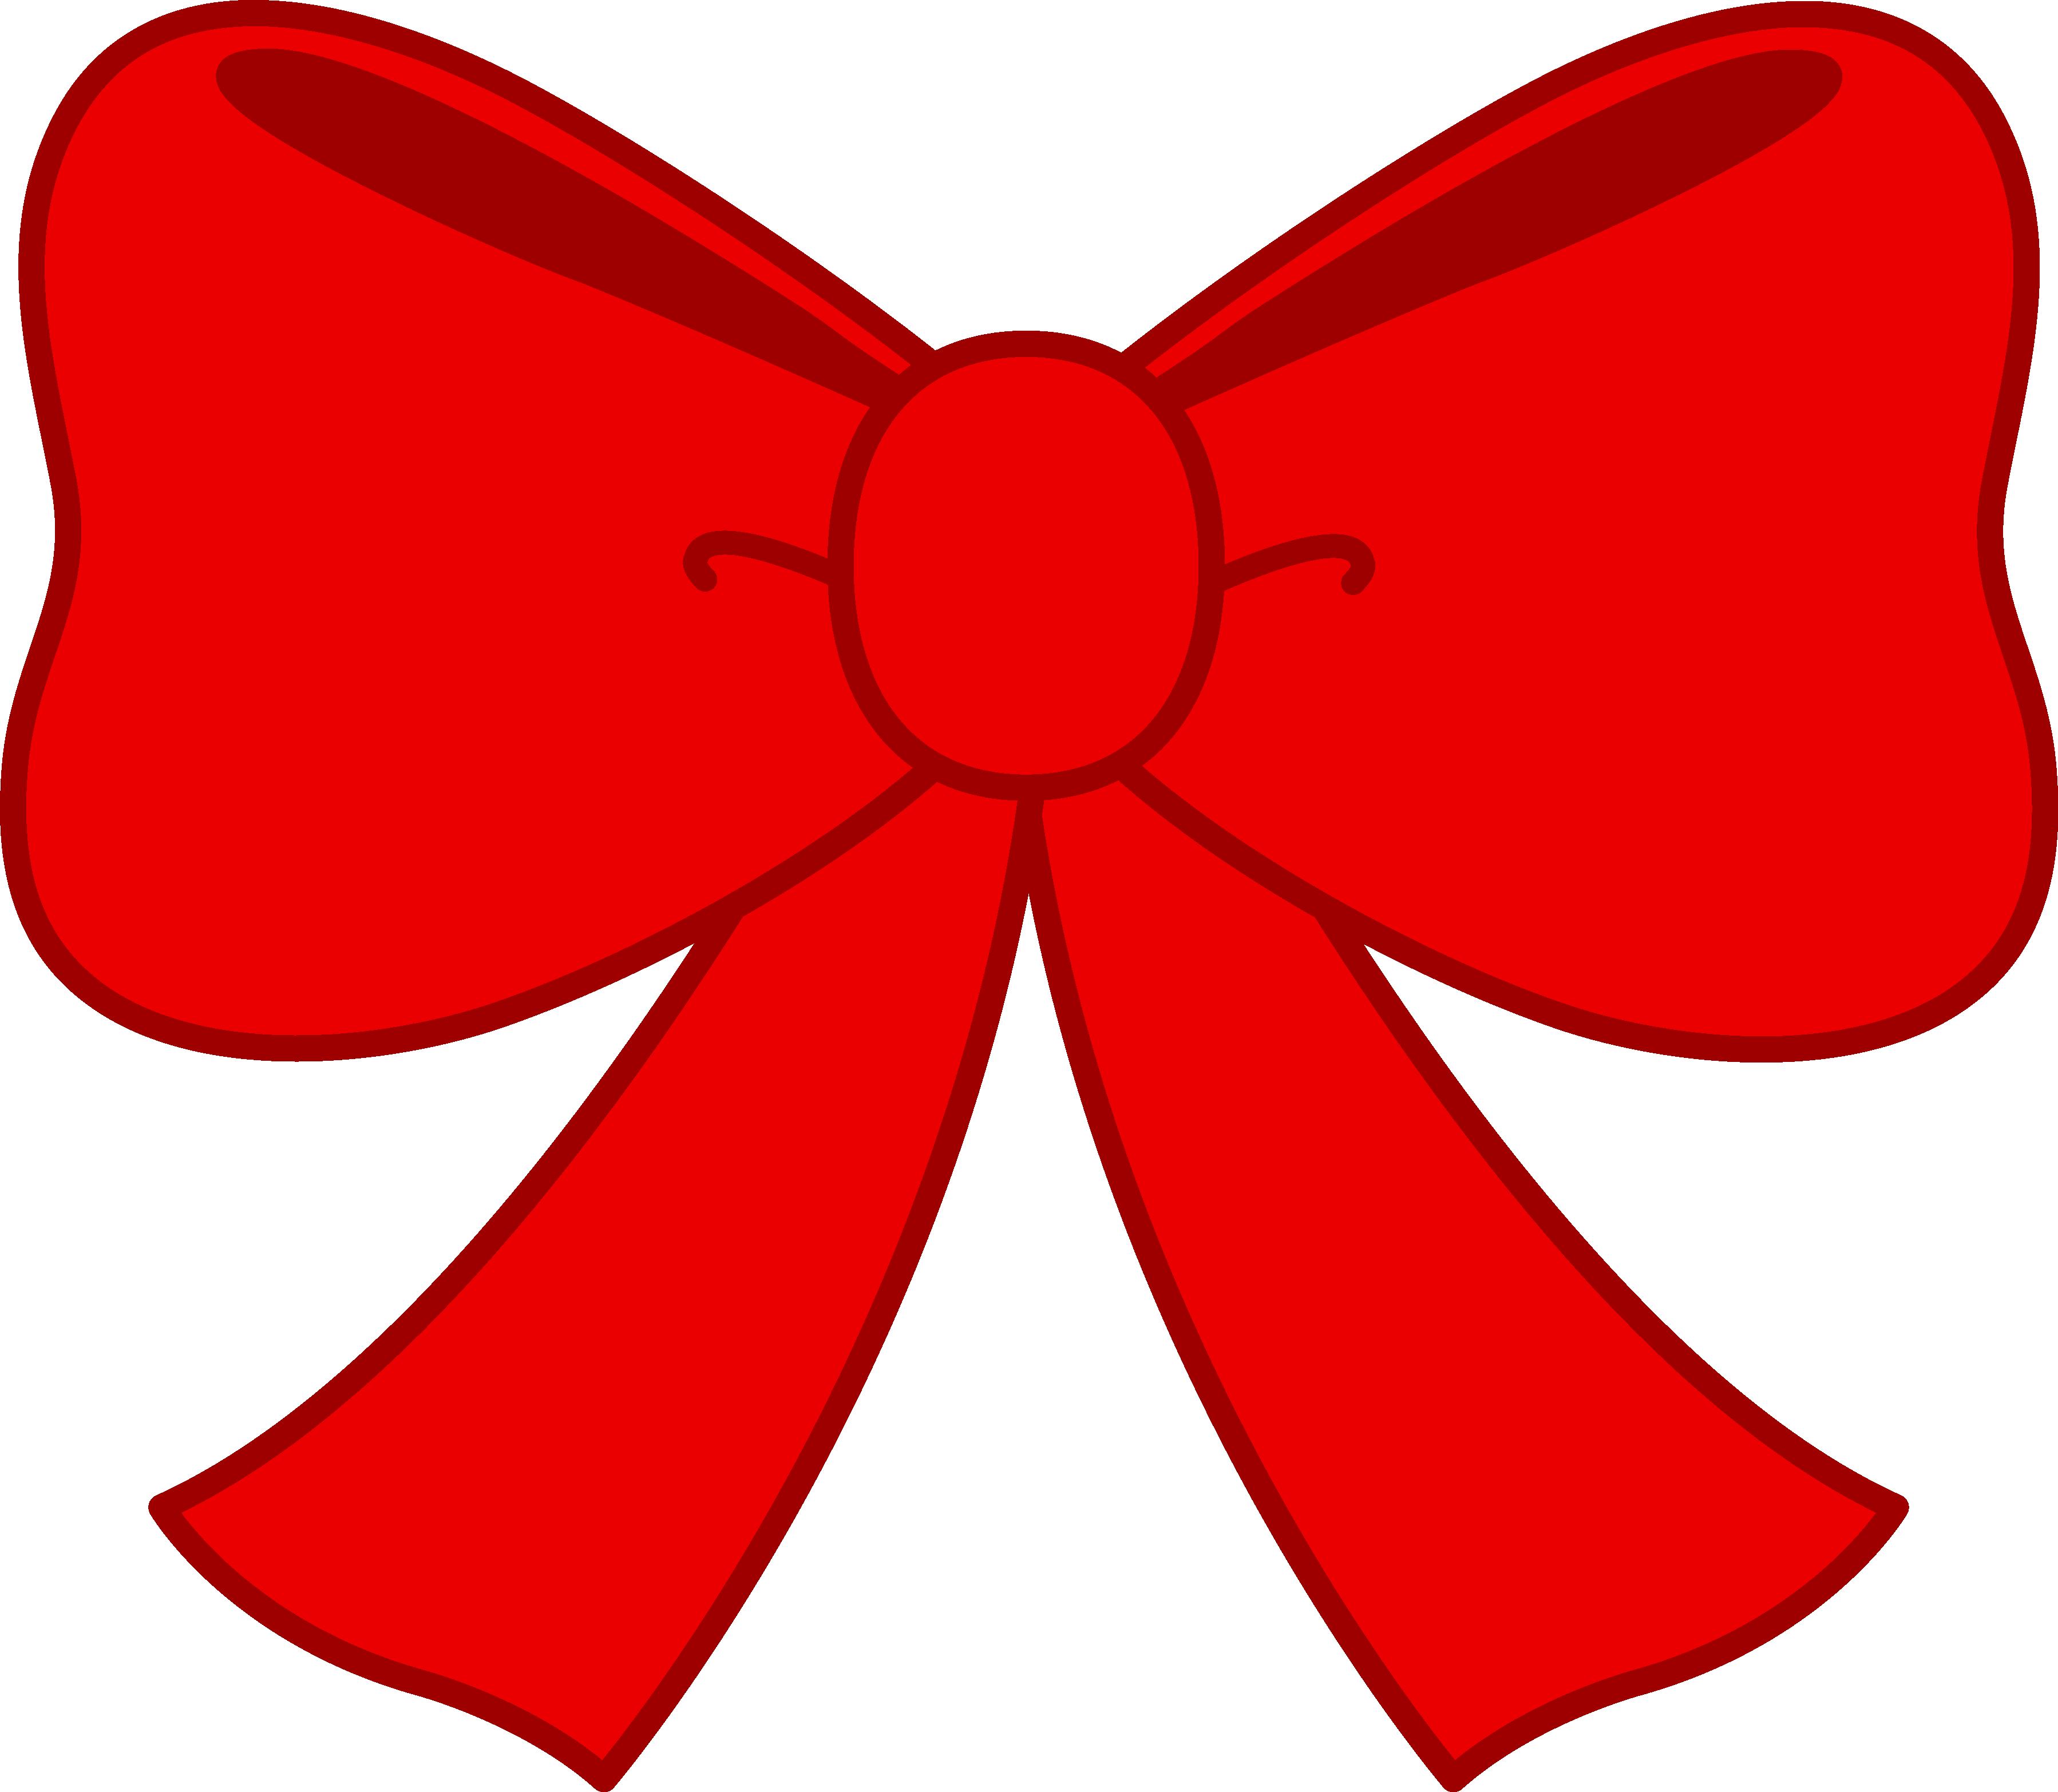 Ribbon cliparts-Ribbon cliparts-0